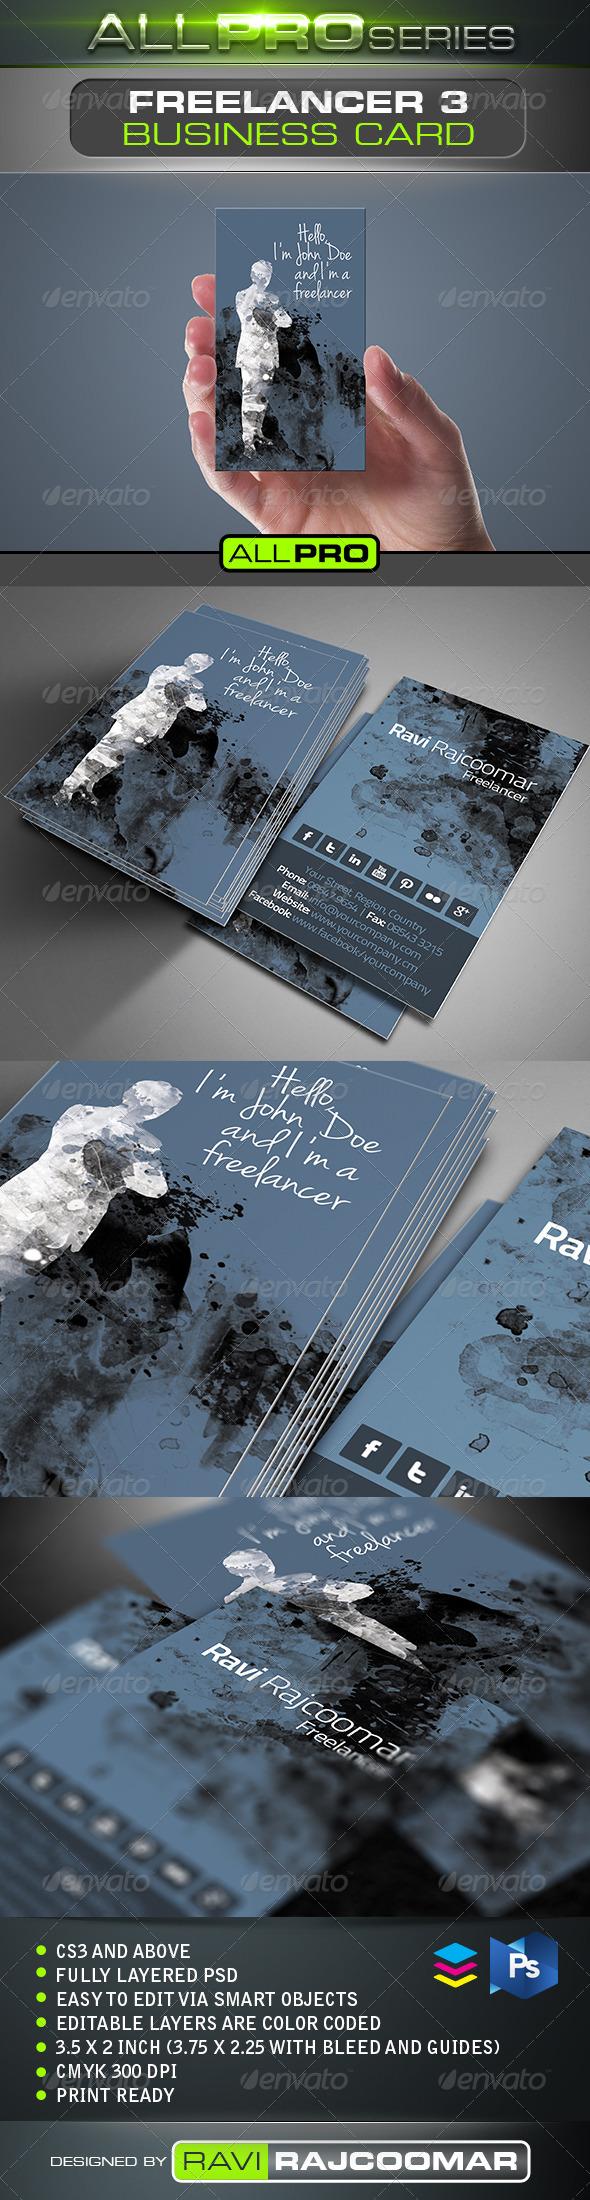 GraphicRiver Freelancer Business Card Vol.3 5133508